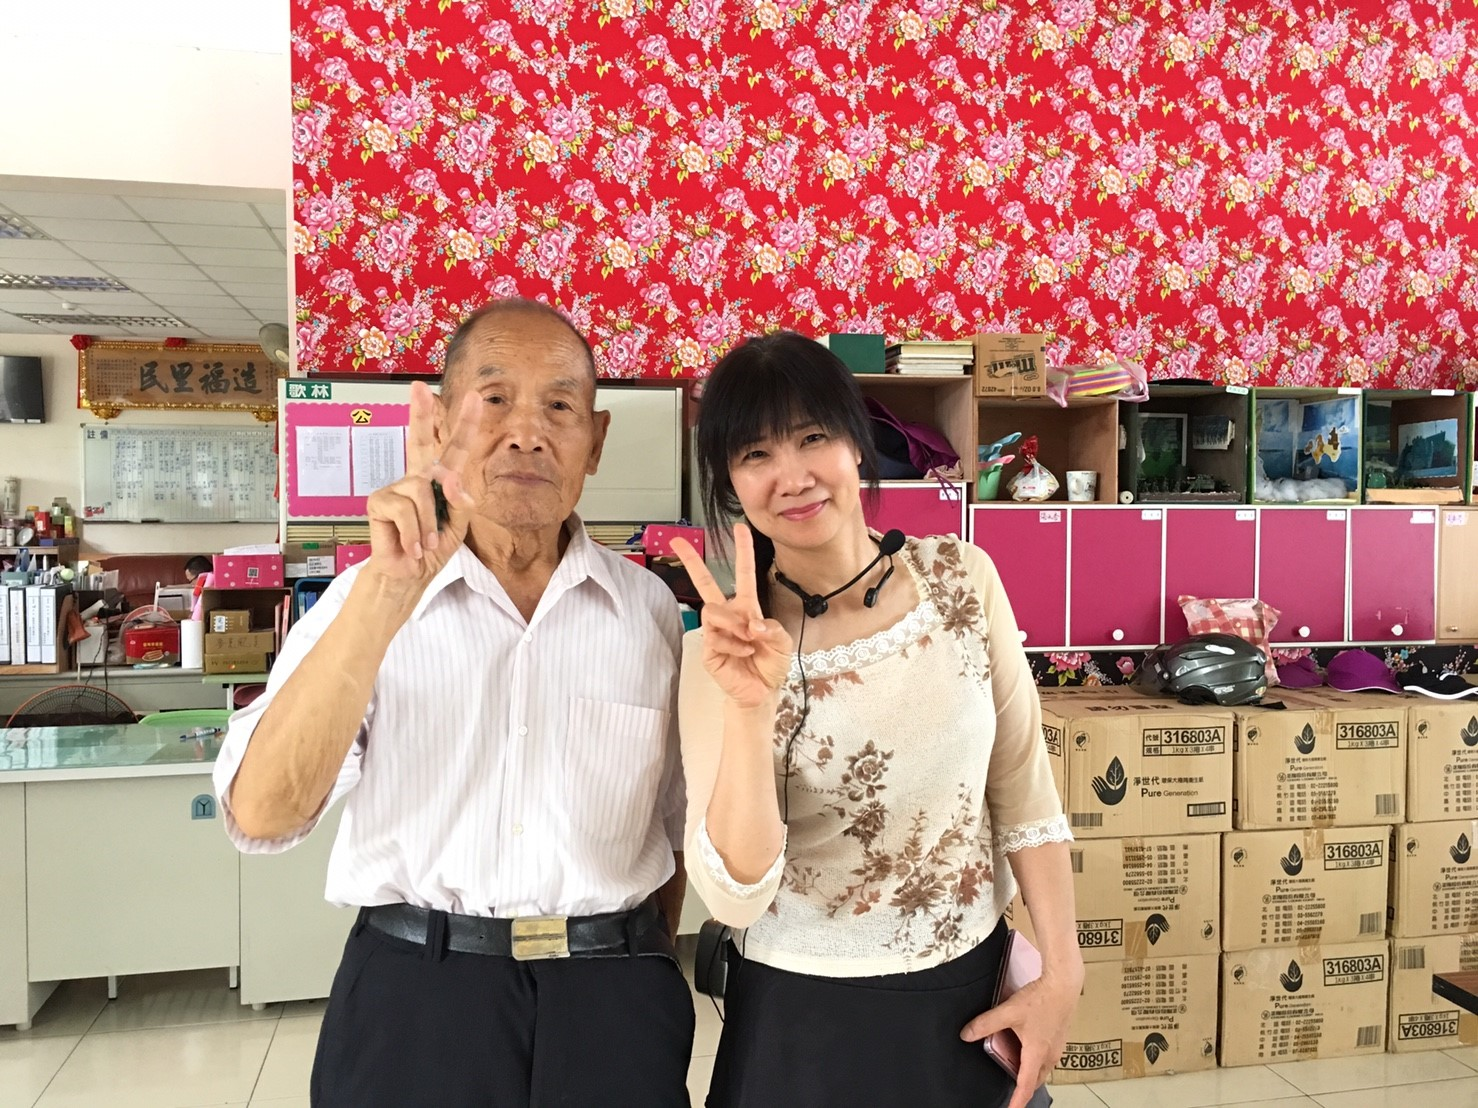 106_6_28龍潭中正社區發展協會_170807_0007